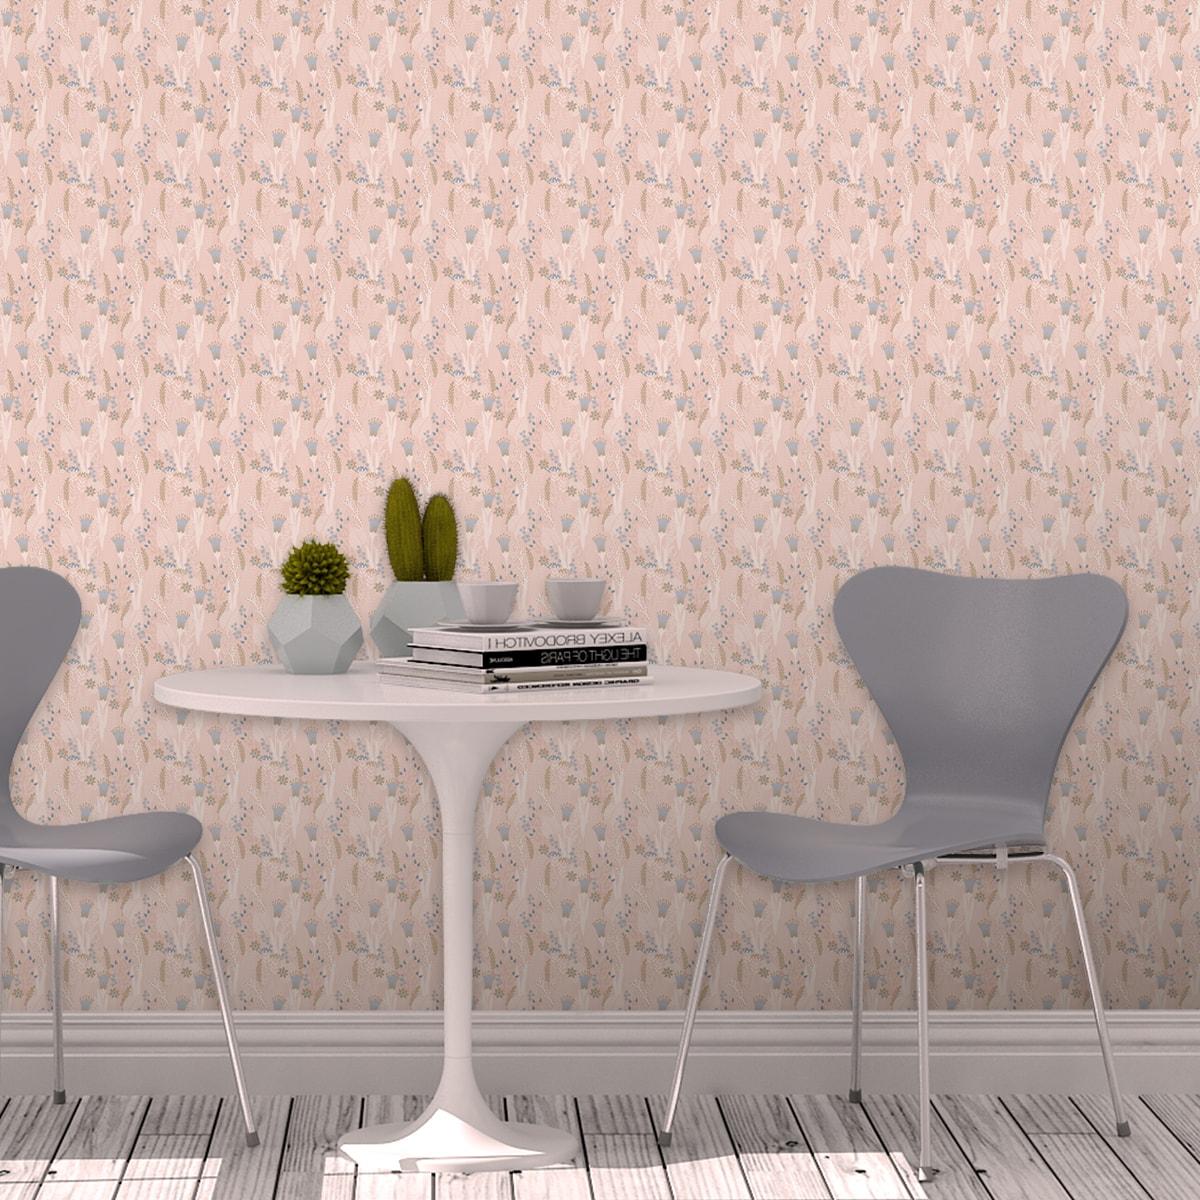 Schlafzimmer tapezieren in rosa: Der naive Garten Blumentapete Wellness für die Augen in rosa - Design Tapete für Schlafzimmer